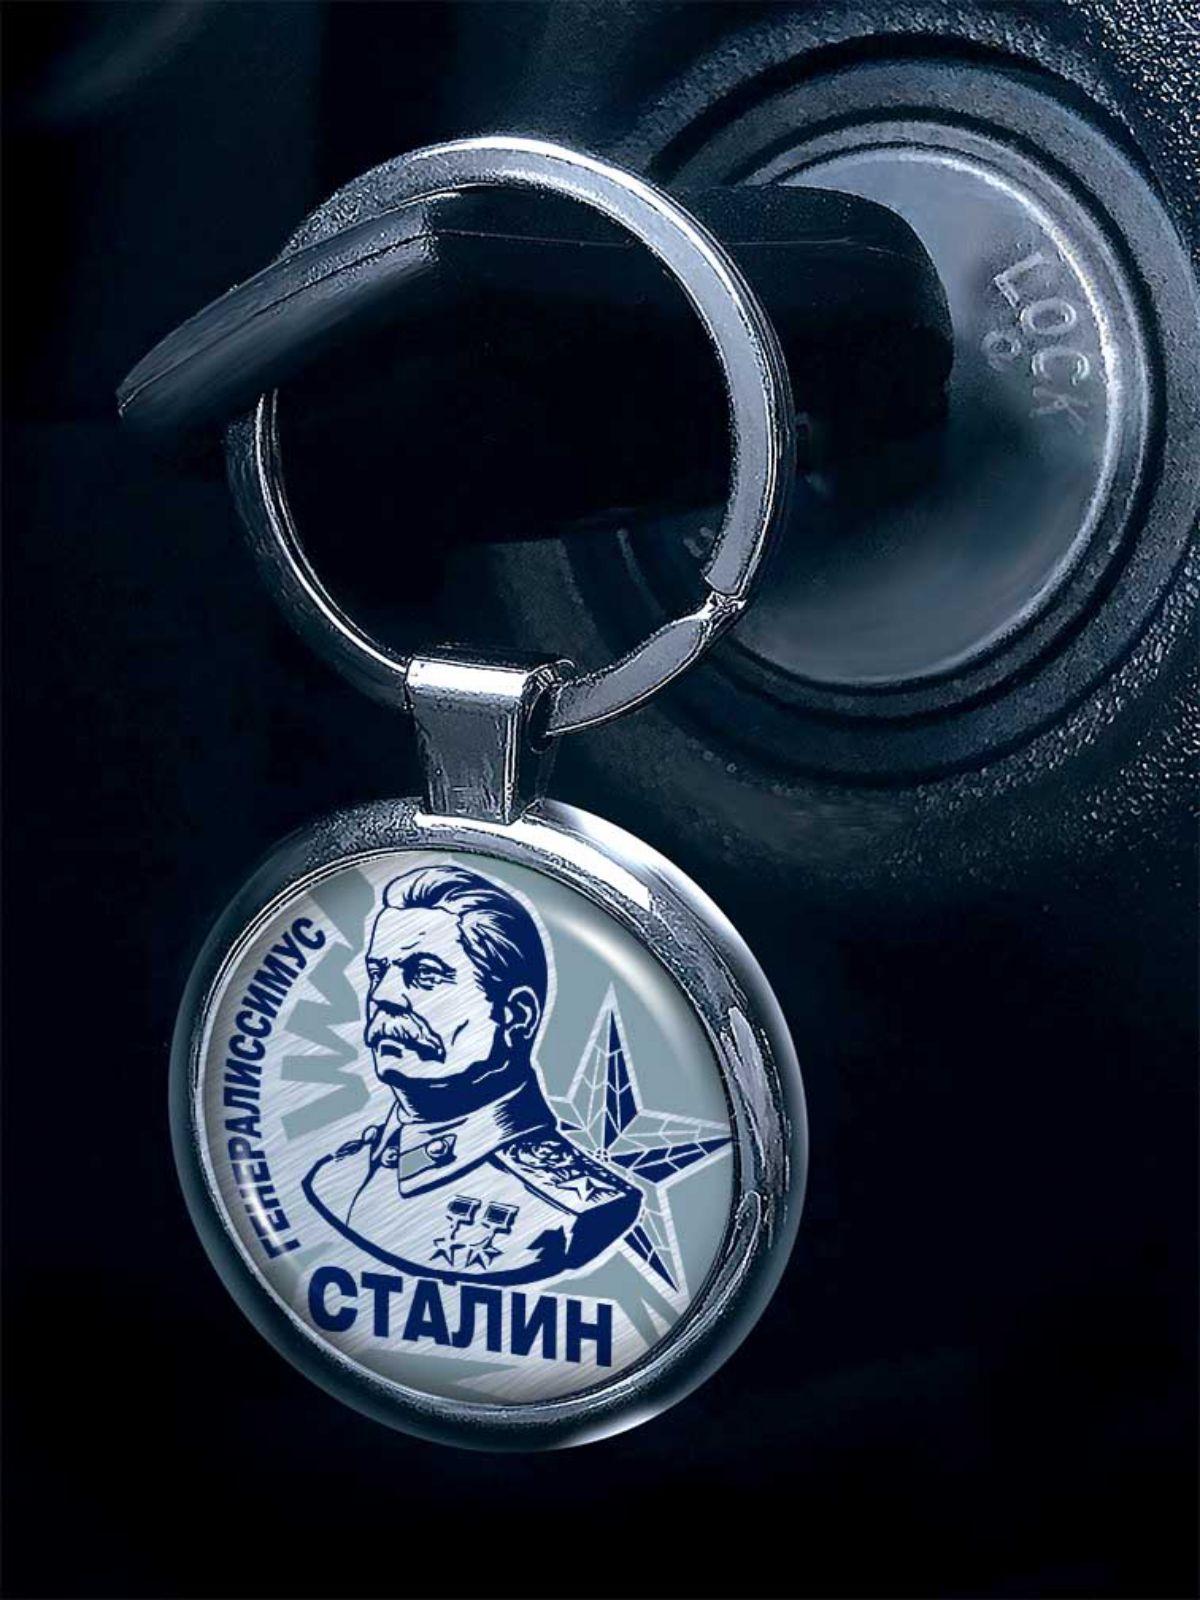 Оригинальный двухсторонний брелок Сталин с доставкой